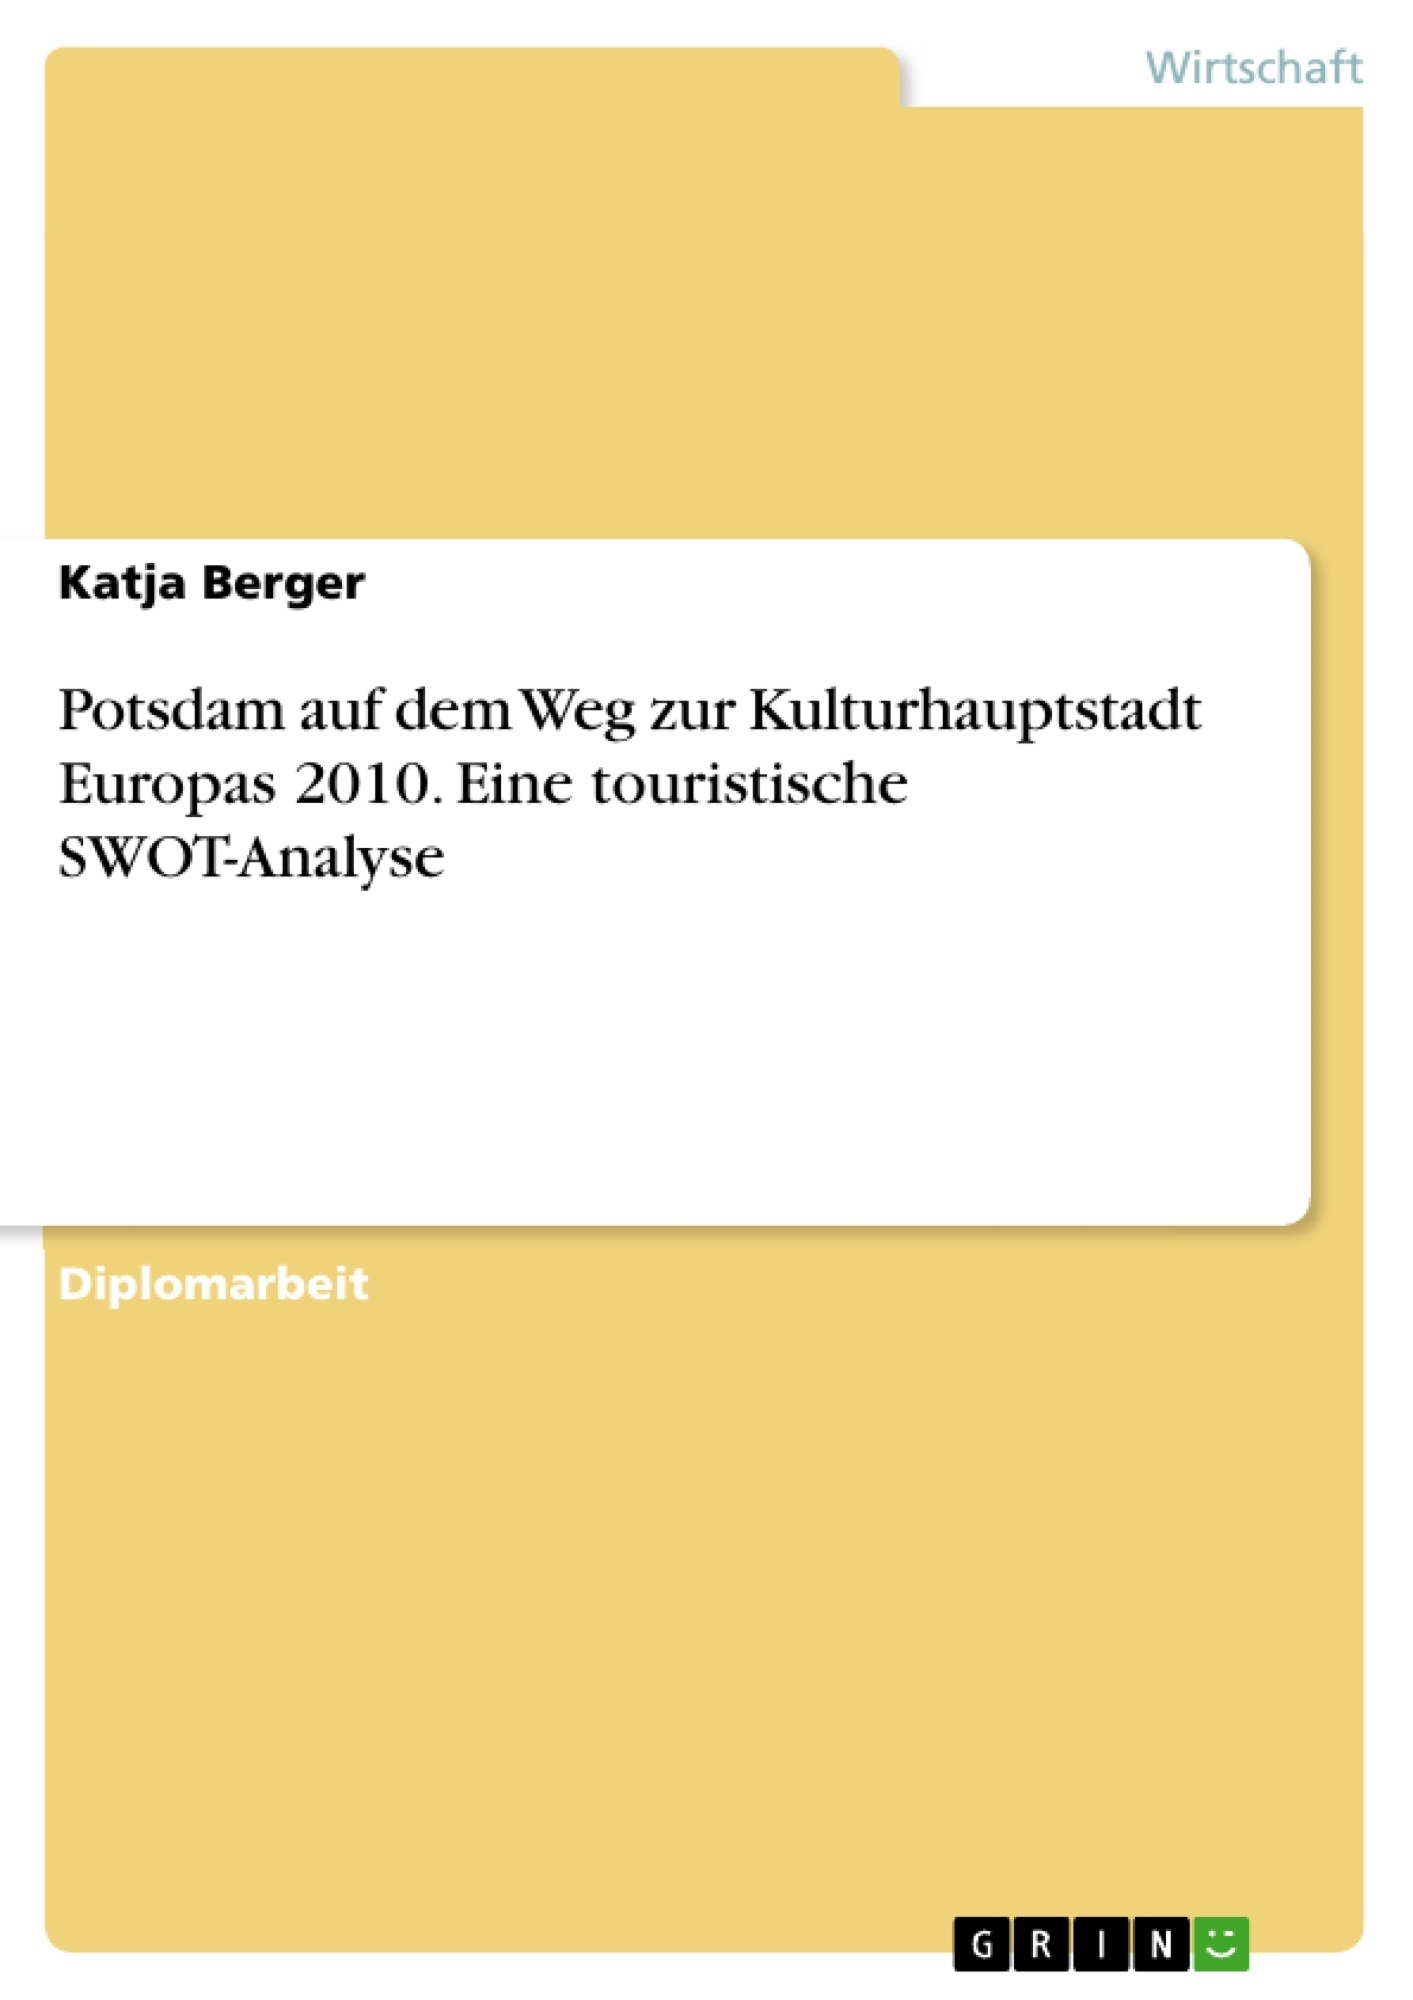 Titel: Potsdam auf dem Weg zur Kulturhauptstadt Europas 2010. Eine touristische SWOT-Analyse